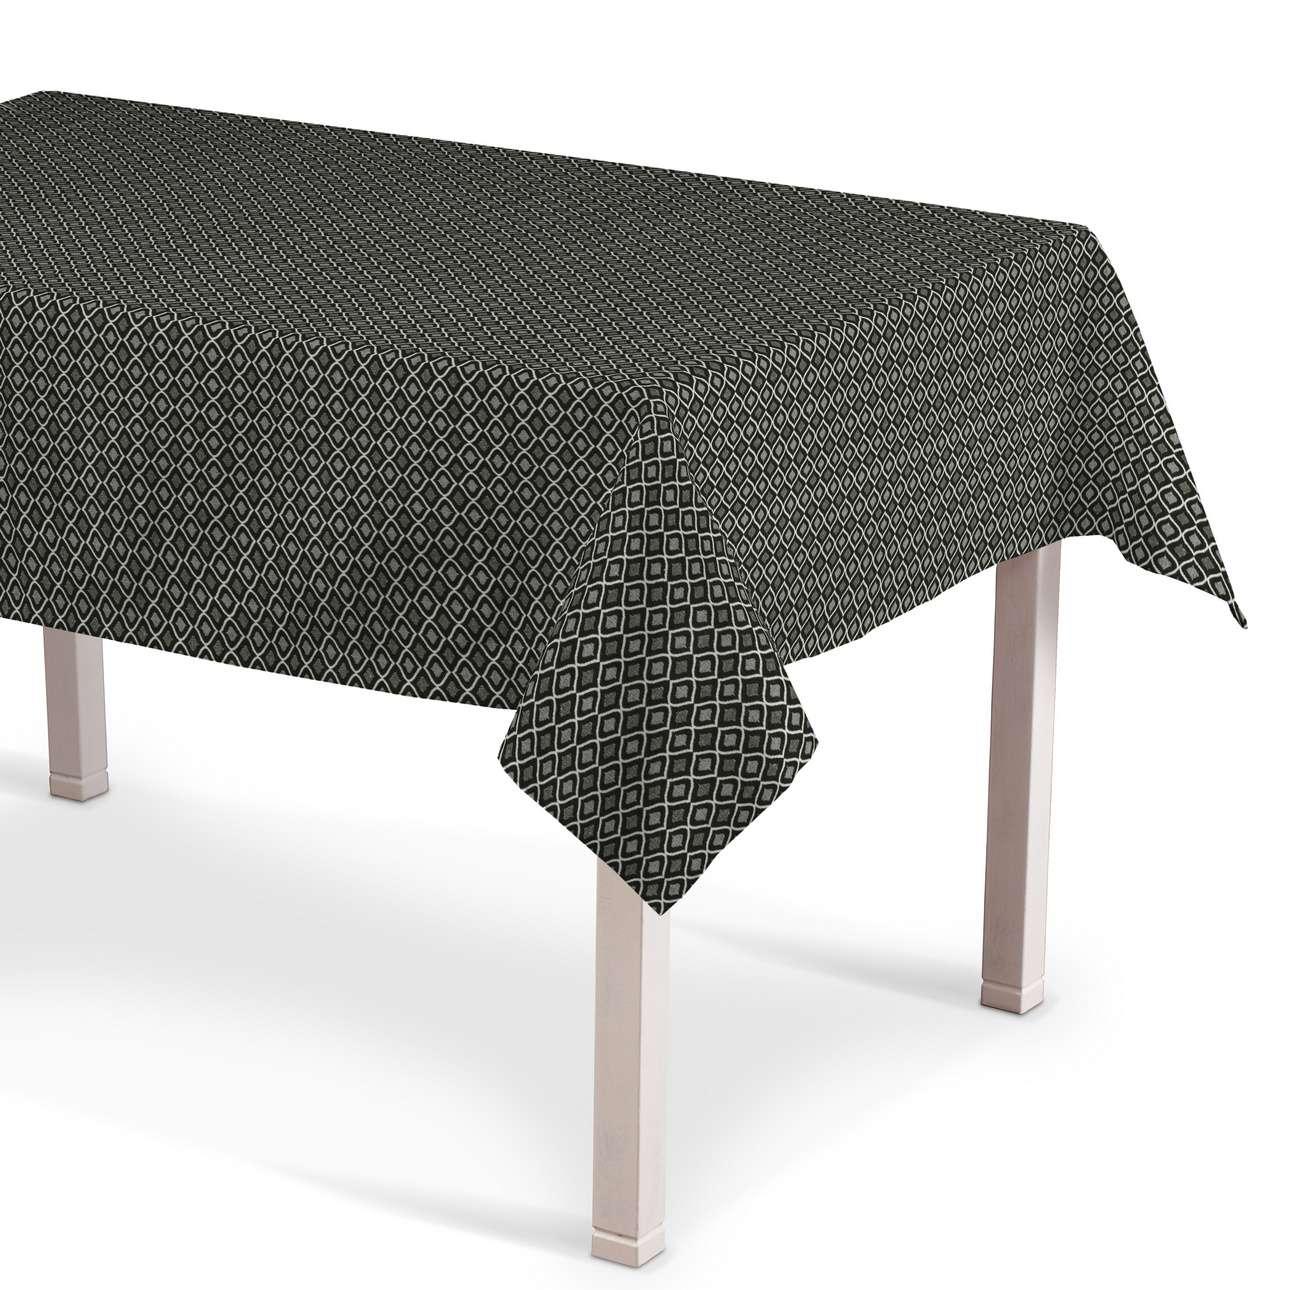 Rektangulære borddug fra kollektionen Black & White, Stof: 142-86